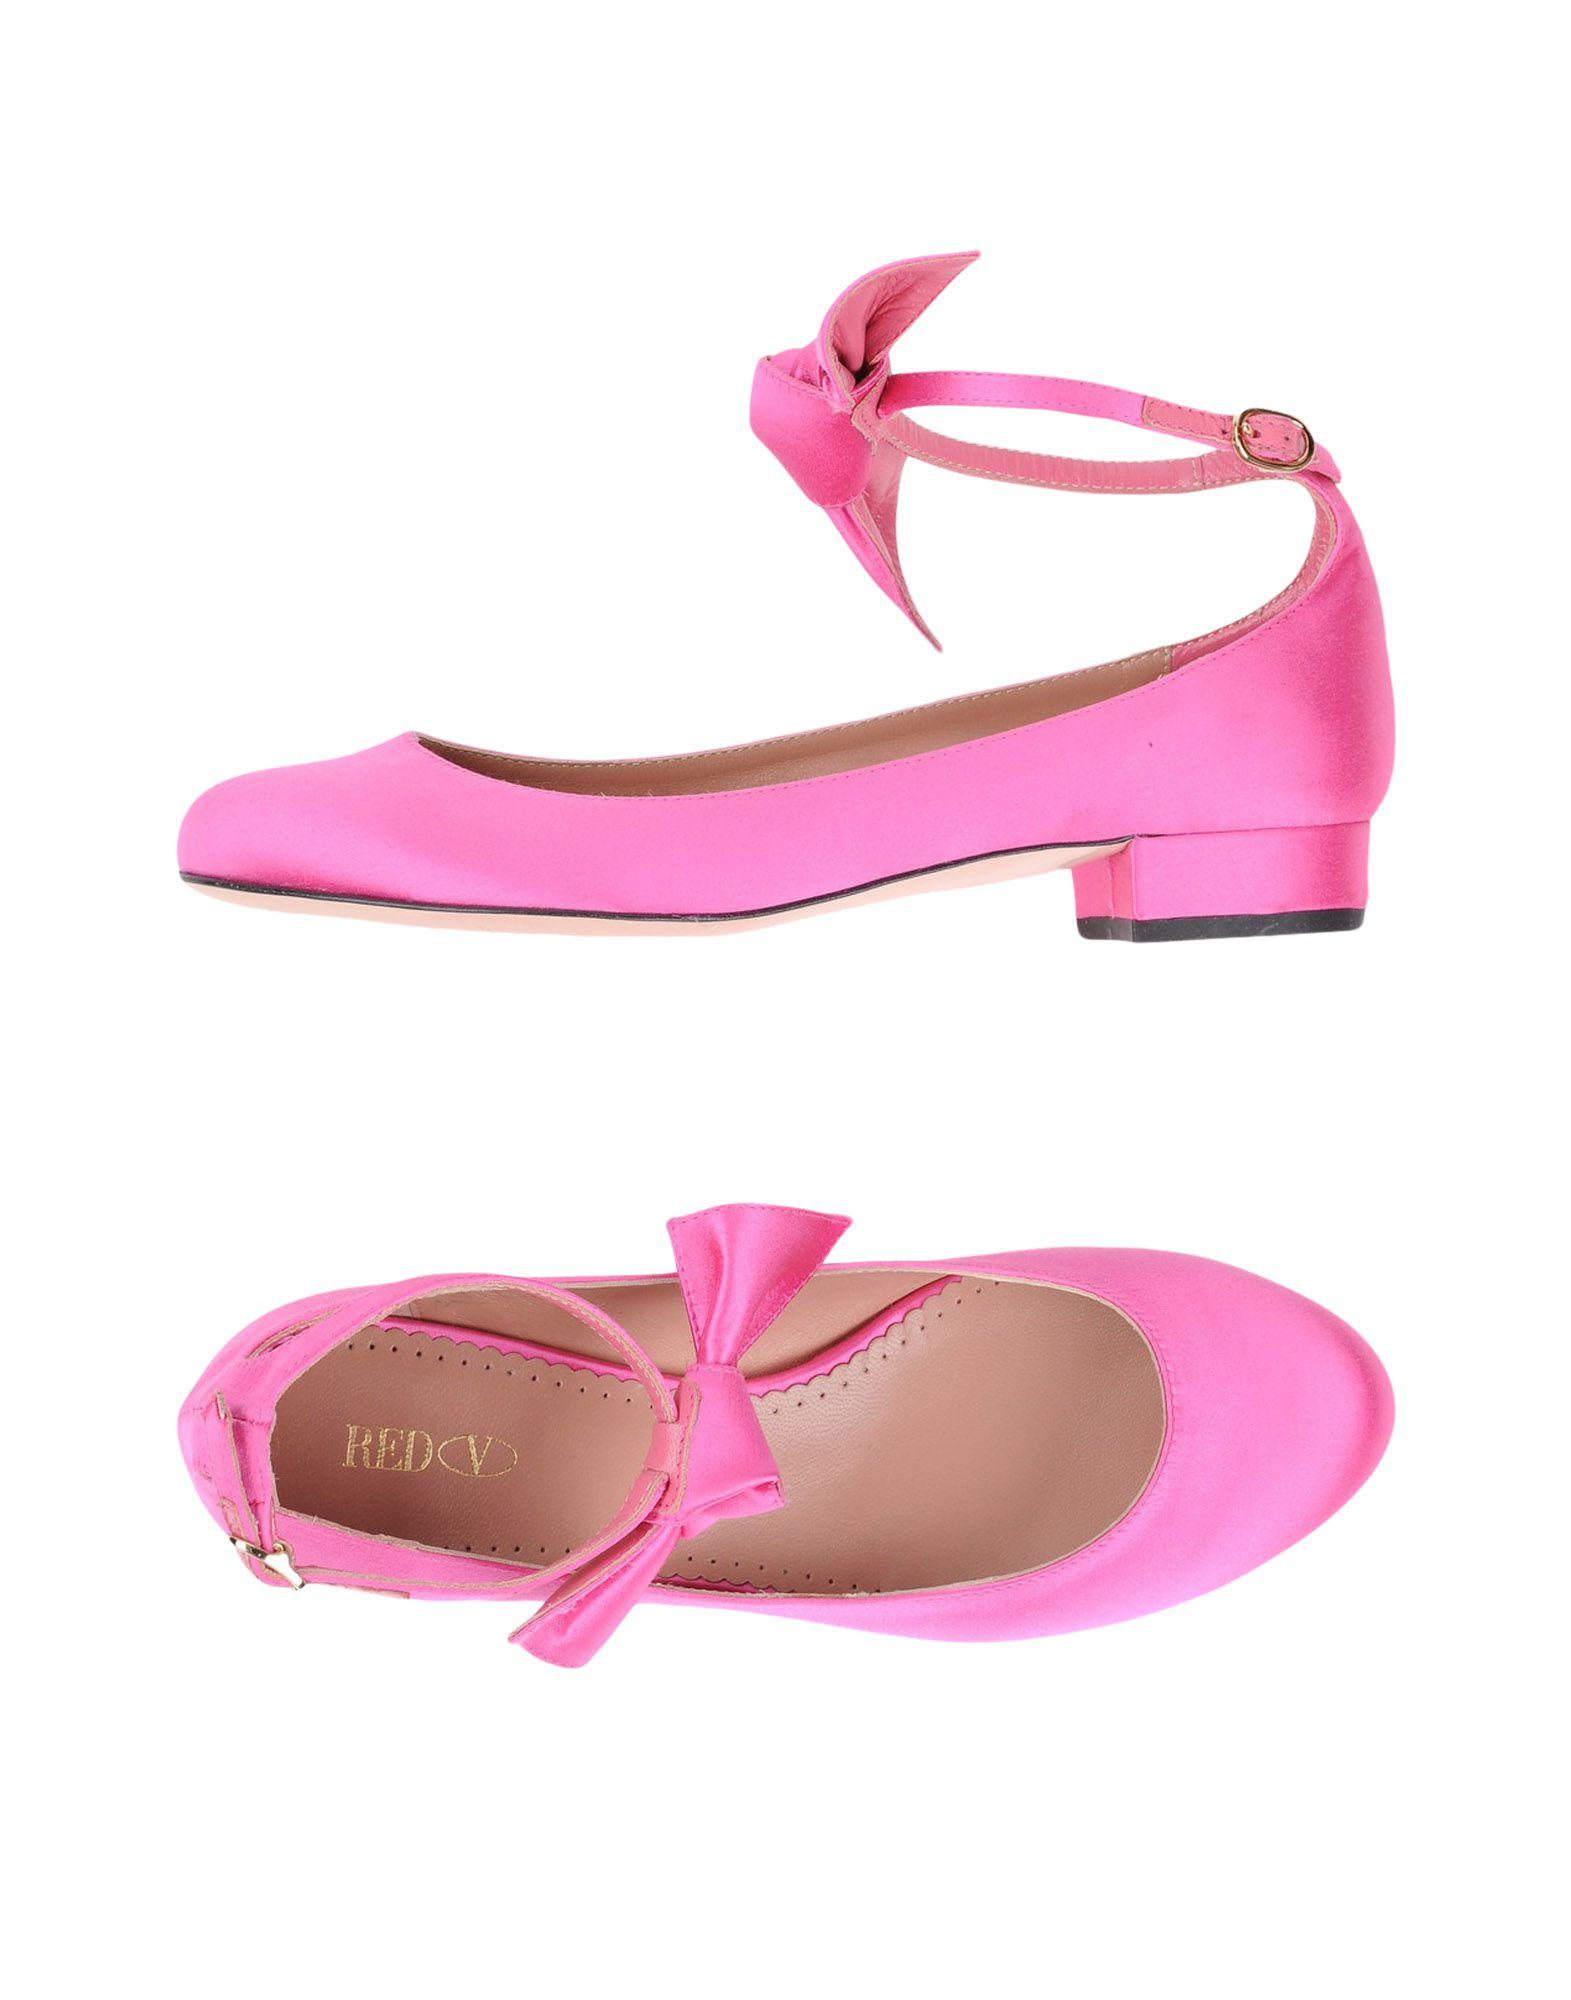 Ballerine Red(V) Donna - 11222919KF Scarpe economiche e buone